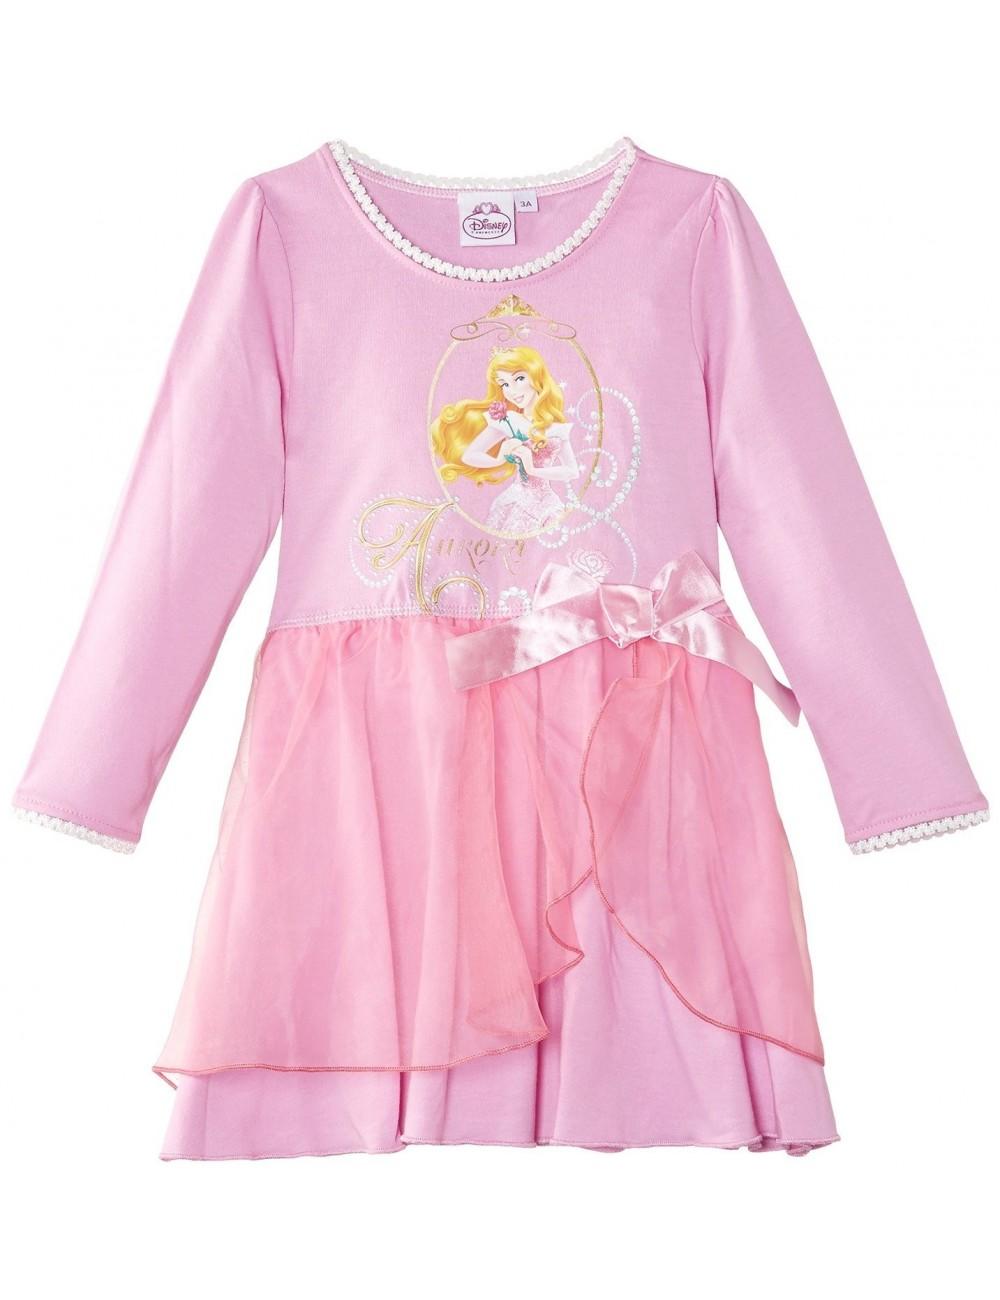 Camasa de noapte copii, Disney Aurora